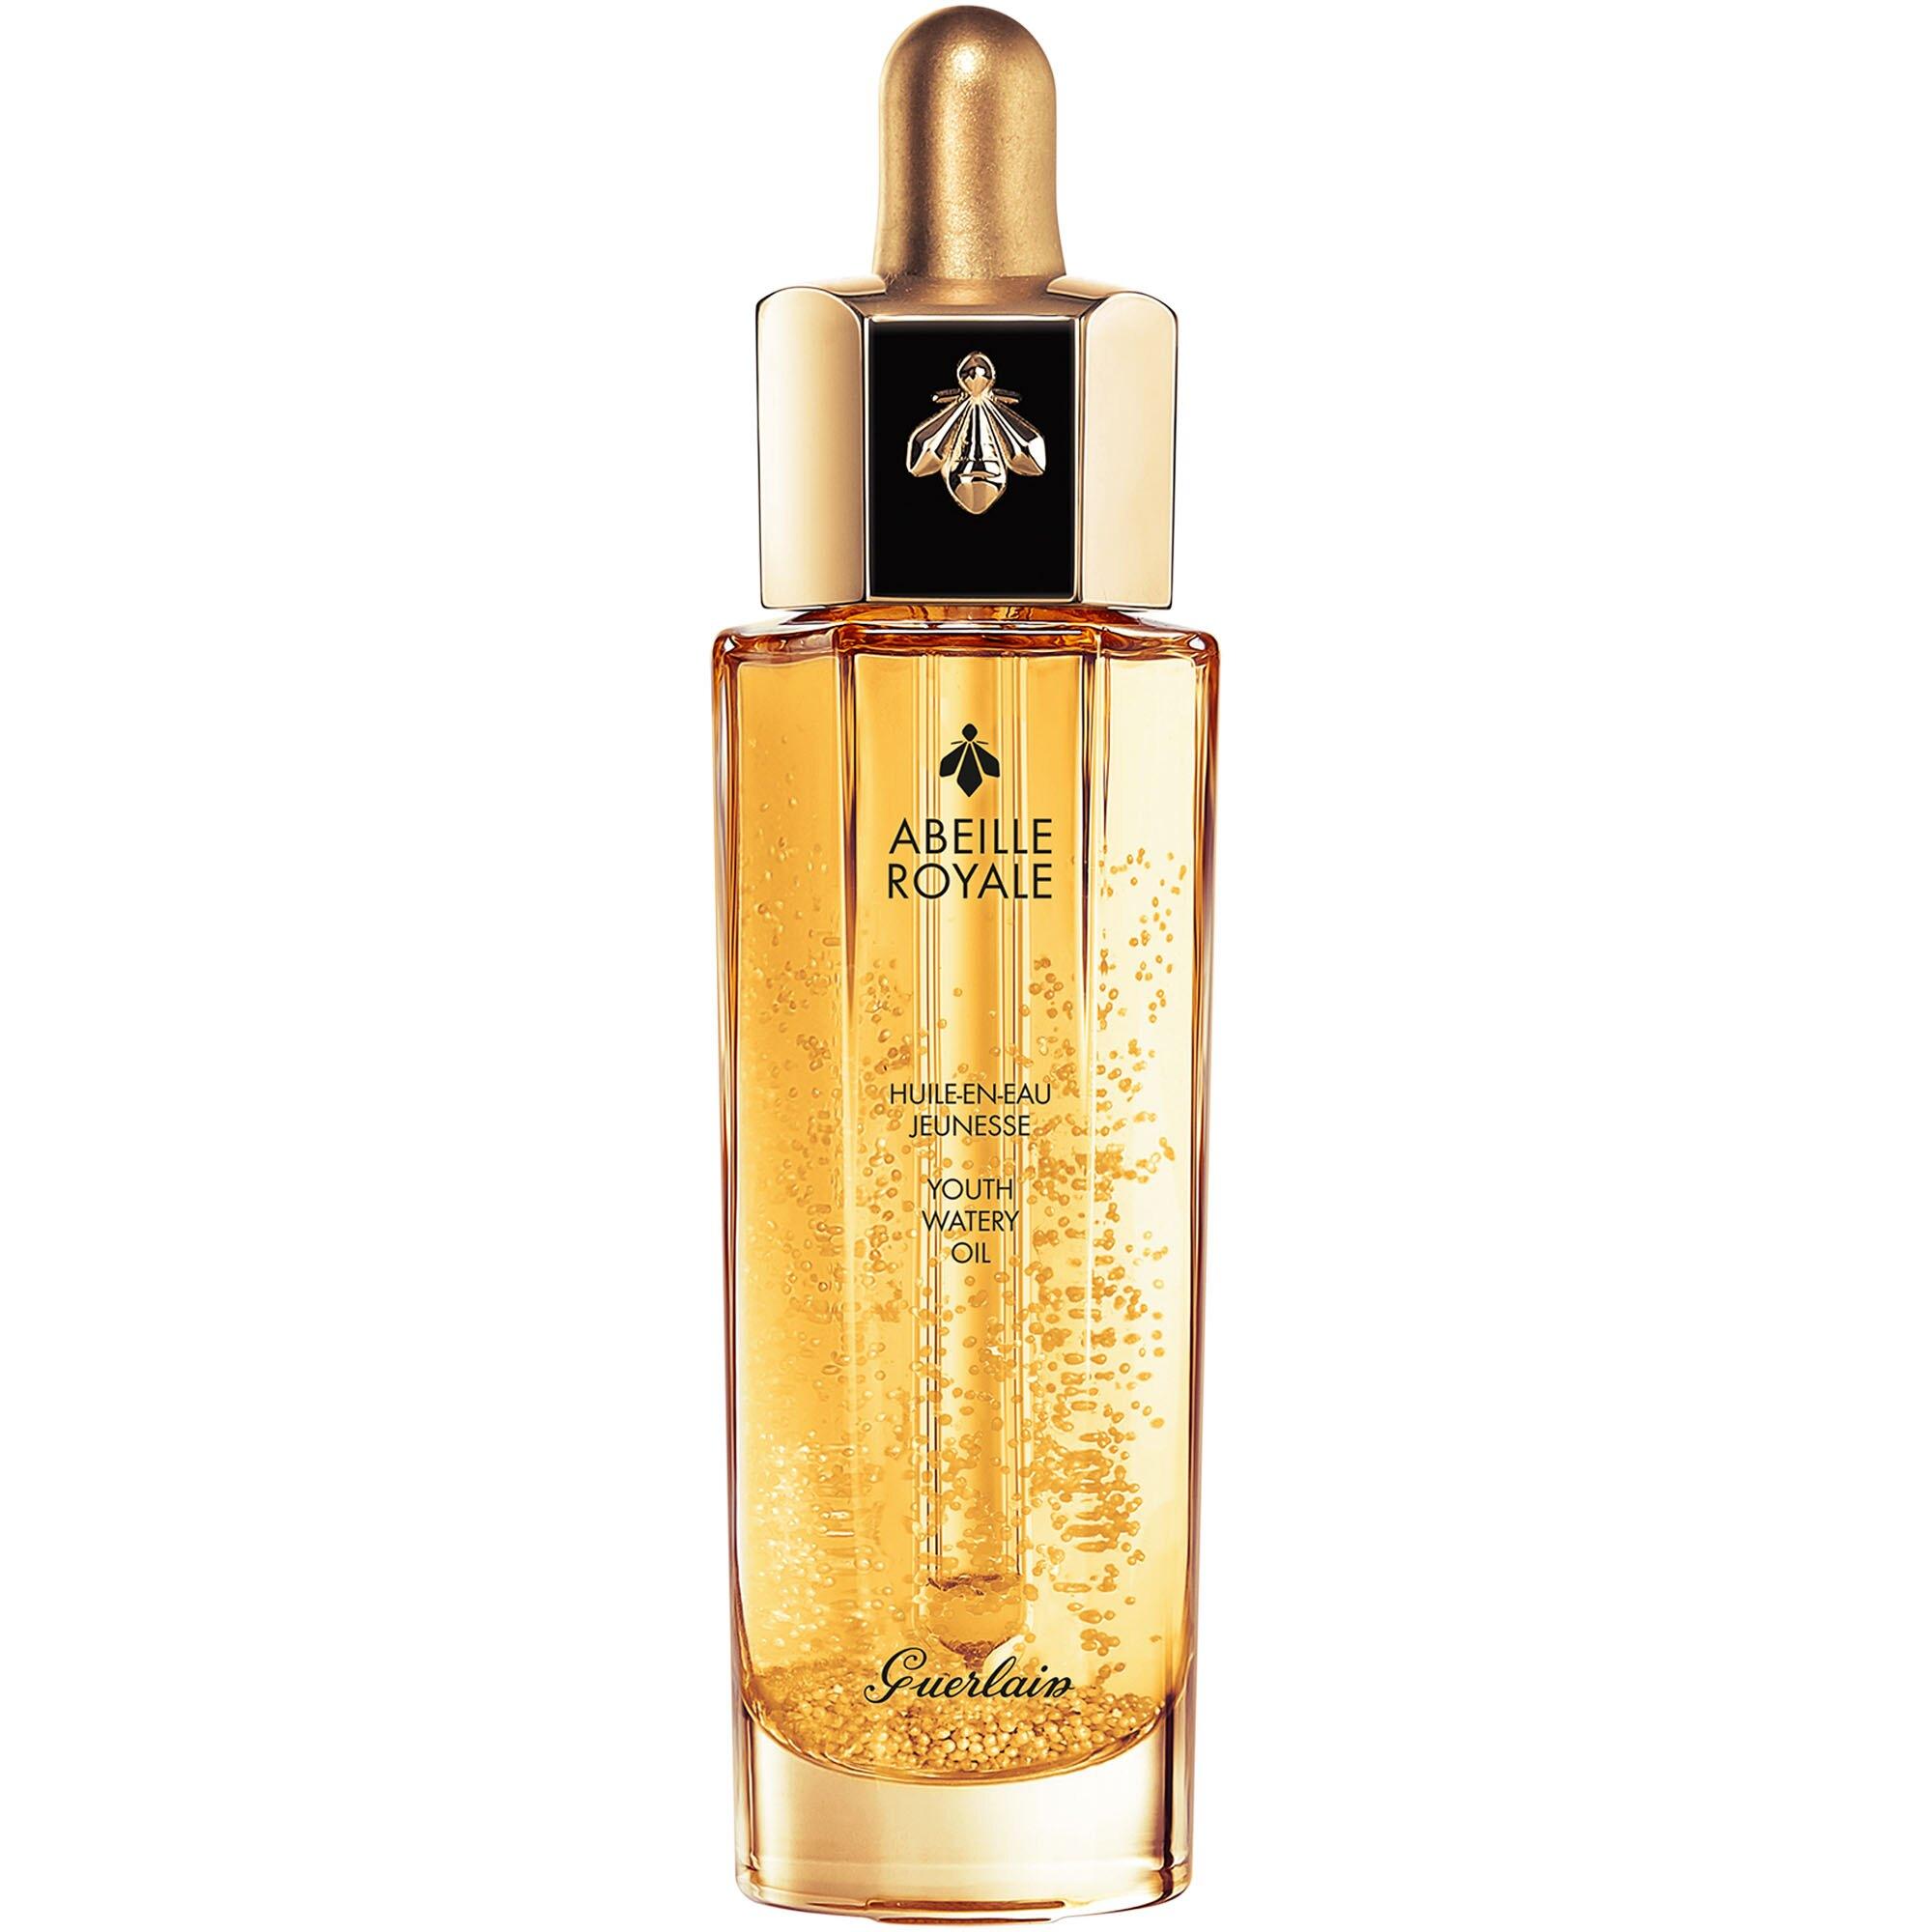 讓肌膚潤澤透亮的世界名油小金瓶,輕盈柔滑的質地可充分滋潤肌膚,為保養做好充分前導